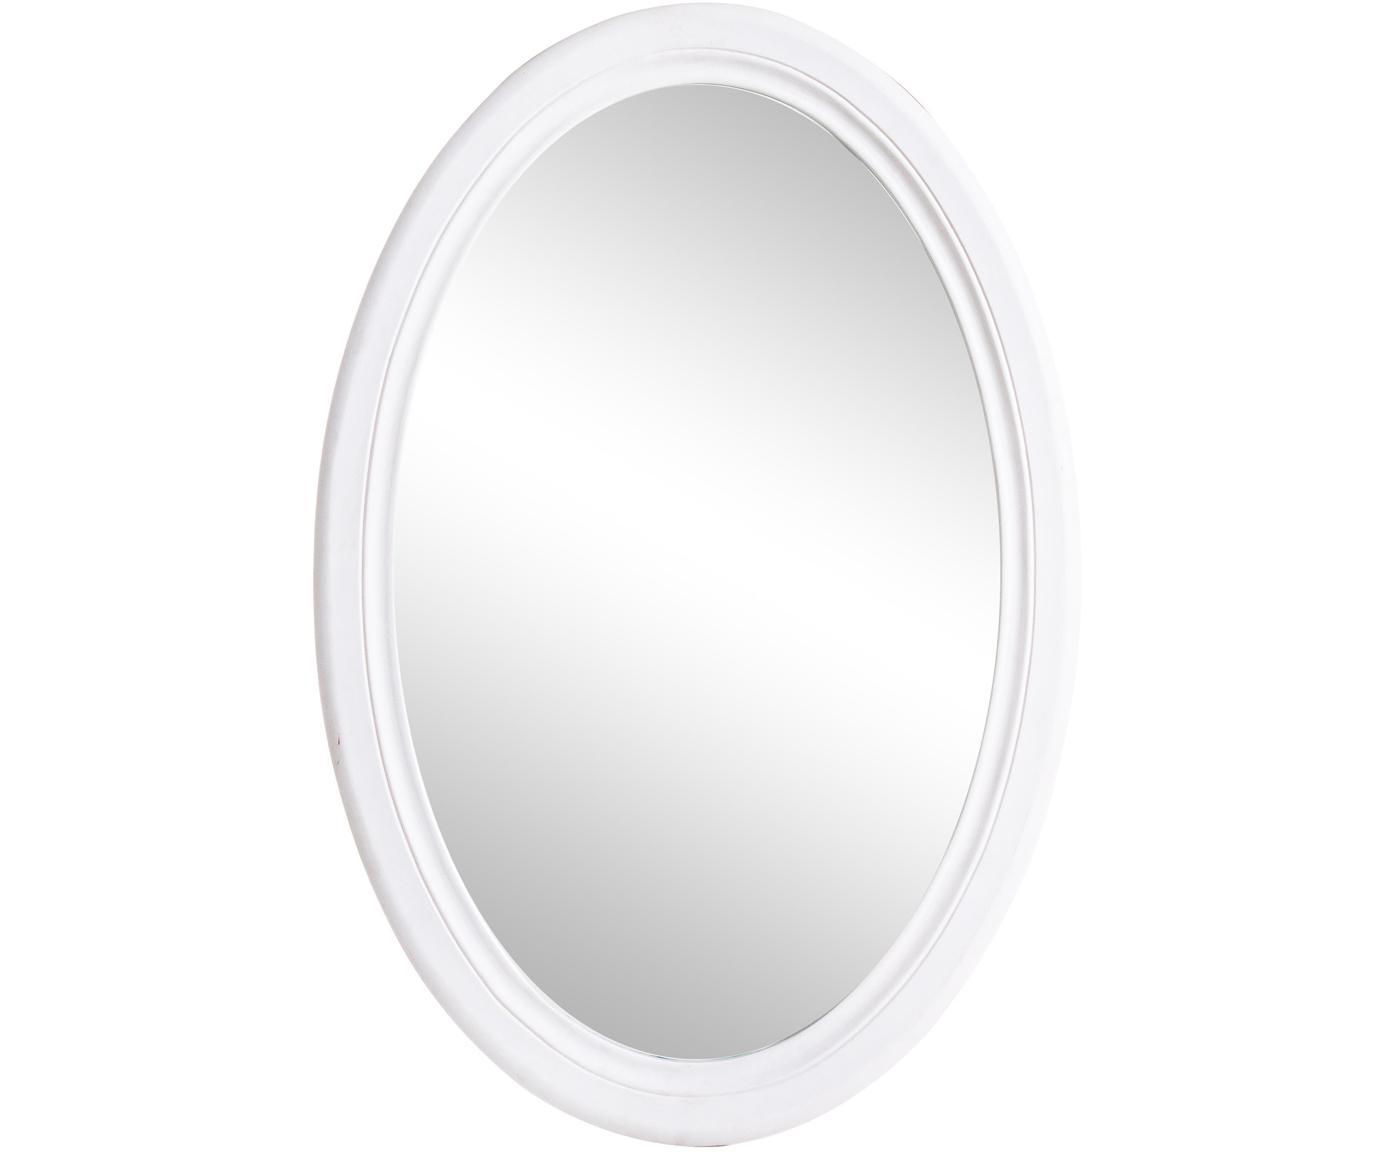 Ovaler Wandspiegel Daisy mit weißem Holzrahmen, Rahmen: Mitteldichte Holzfaserpla, Spiegelfläche: Spiegelglas, Weiß, 48 x 70 cm